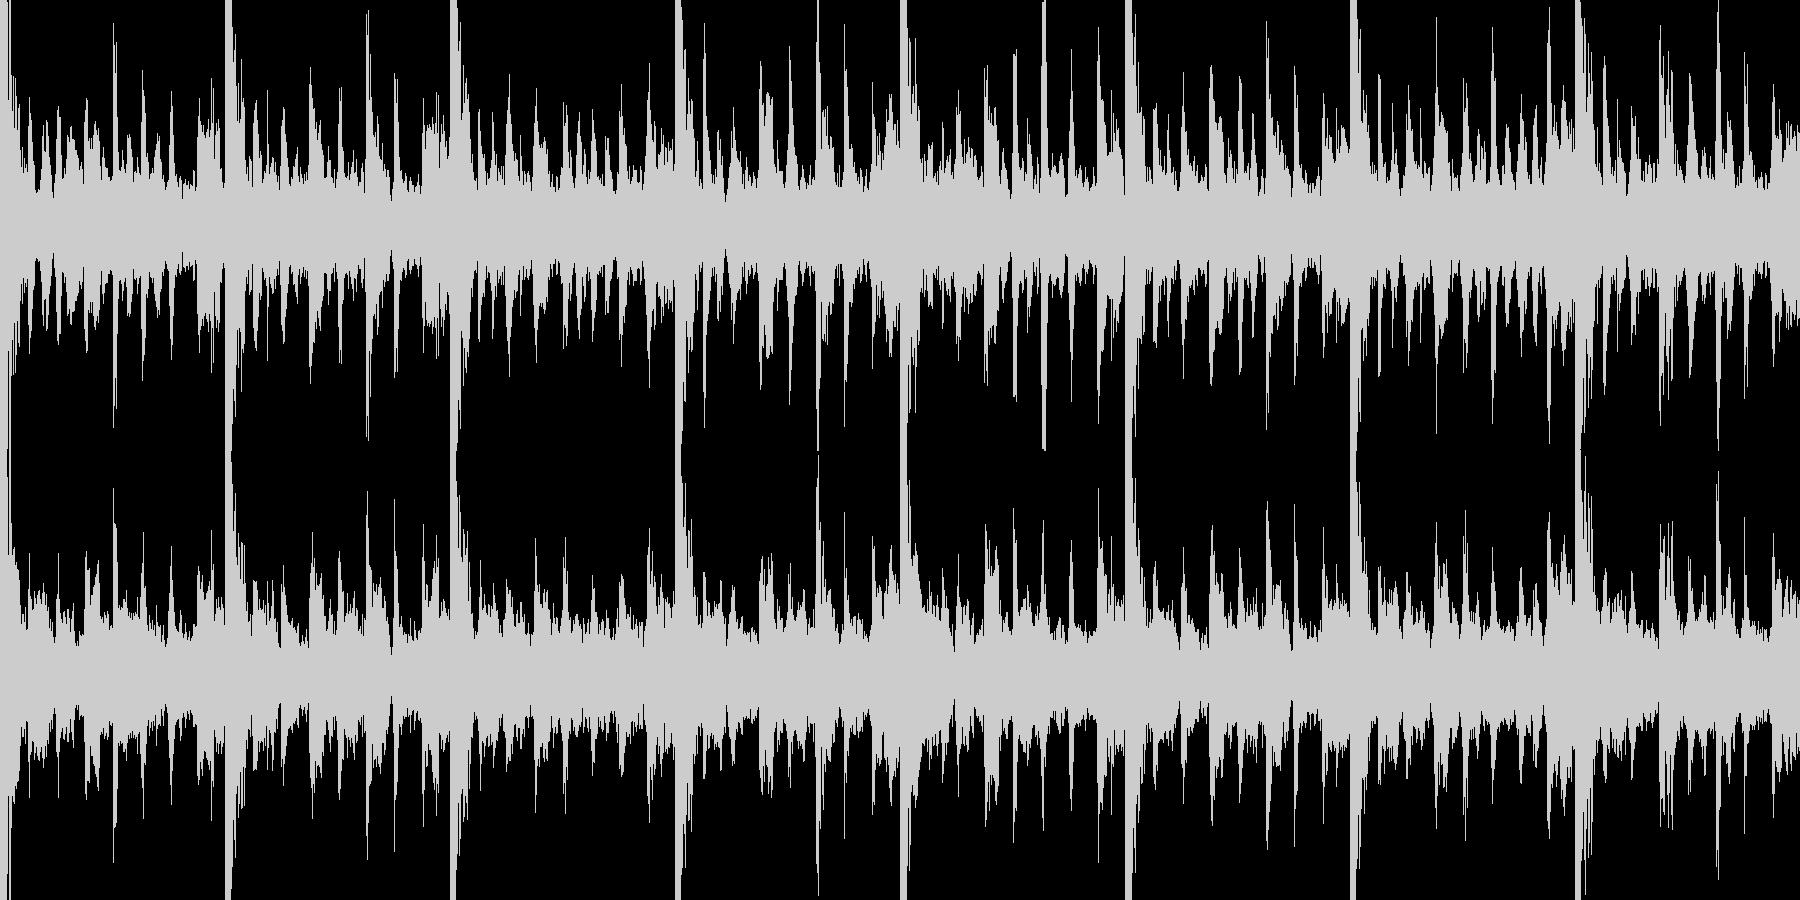 シリアスな曲の未再生の波形